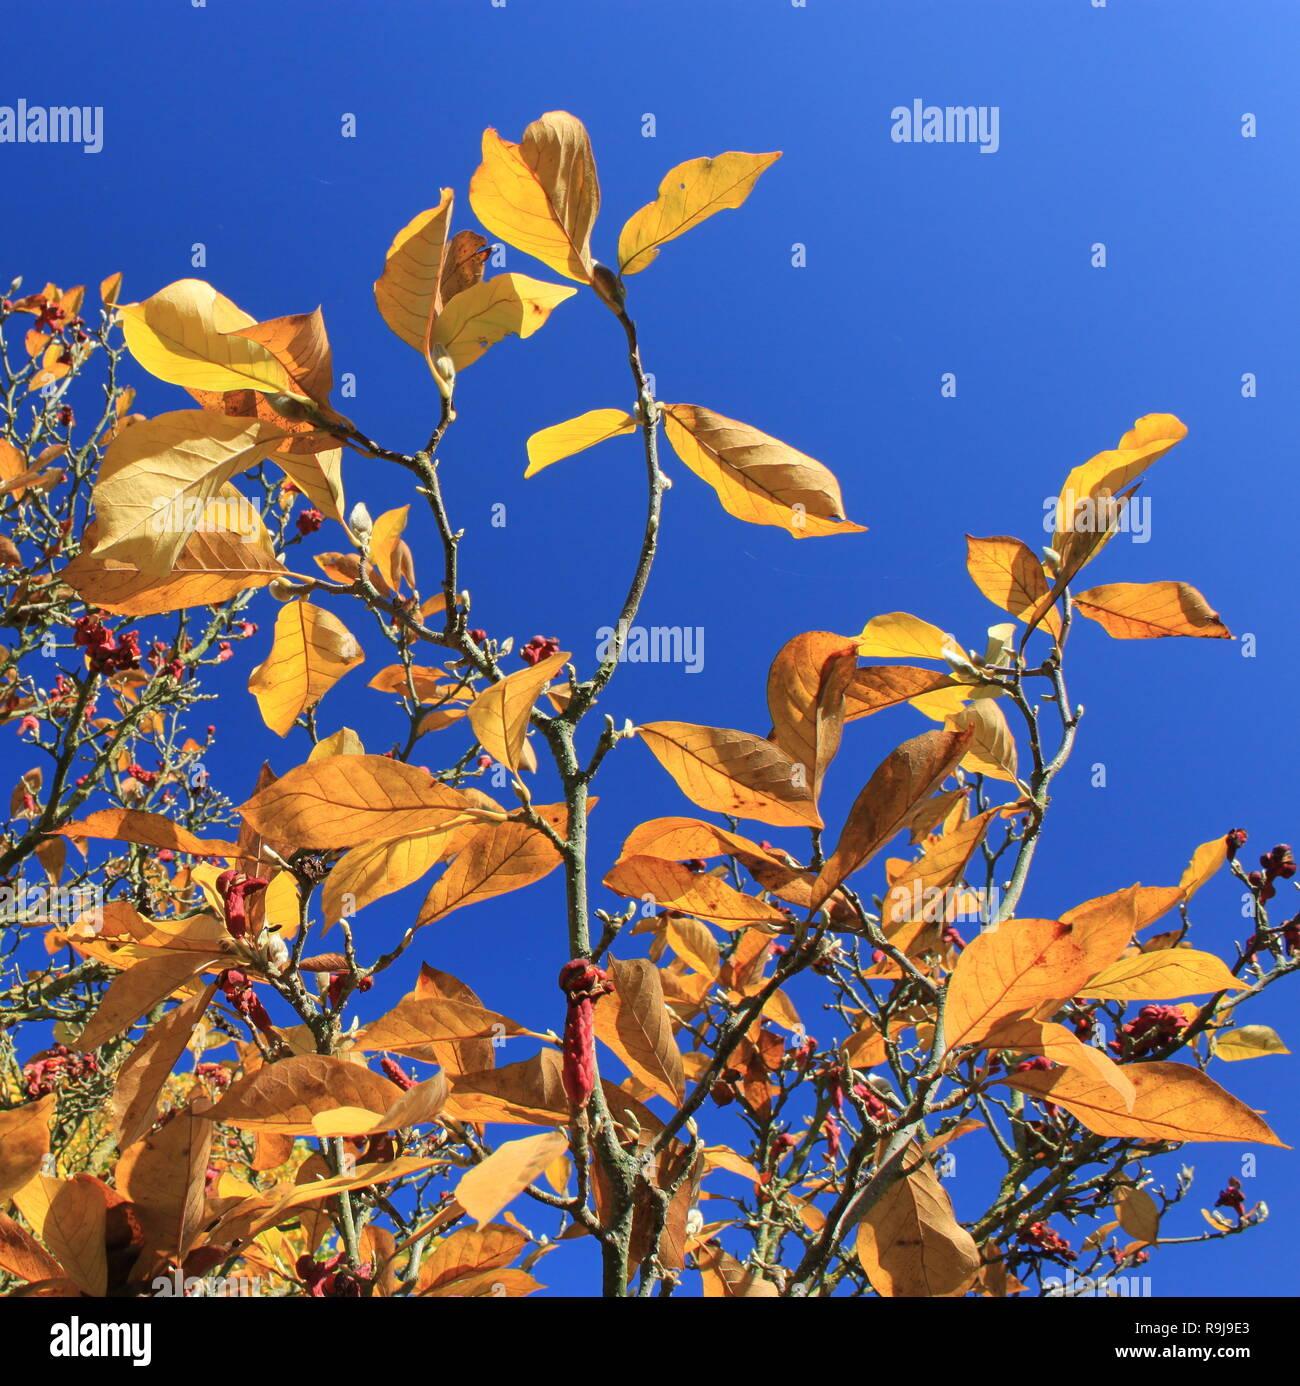 Autumn in Belgium - Stock Image